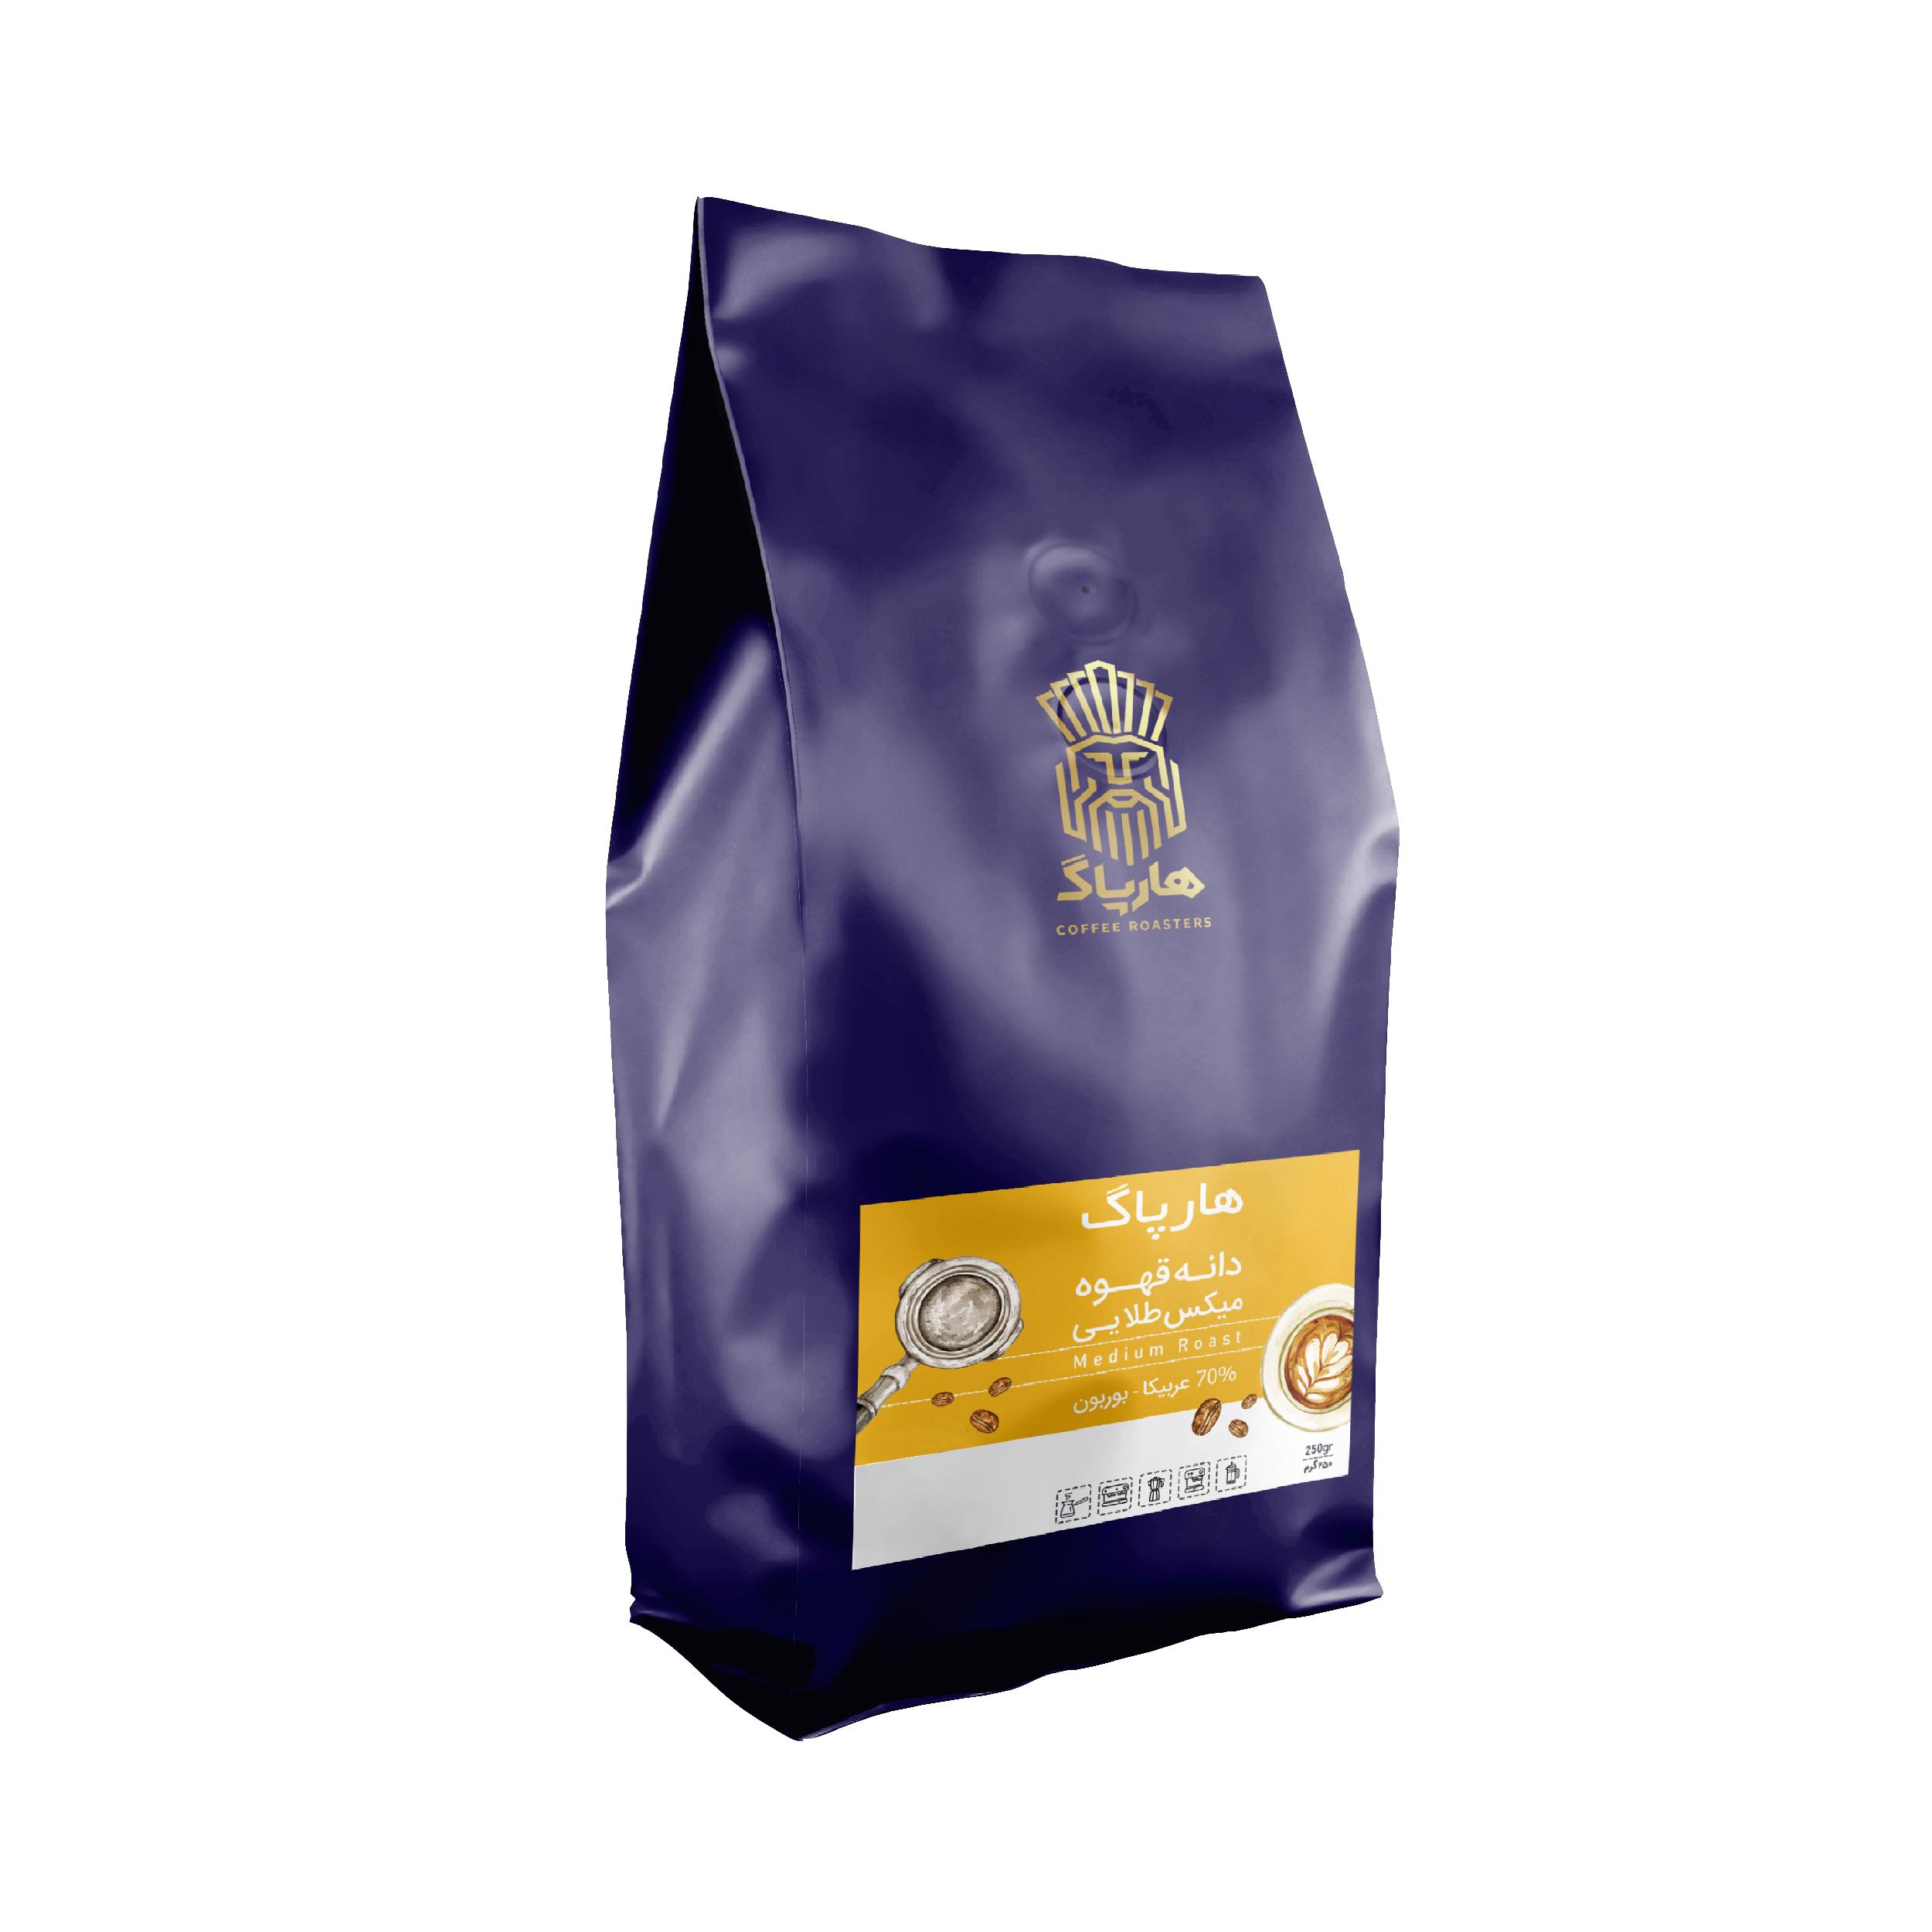 دانه قهوه هارپاگ بربون طلایی 250 گرم